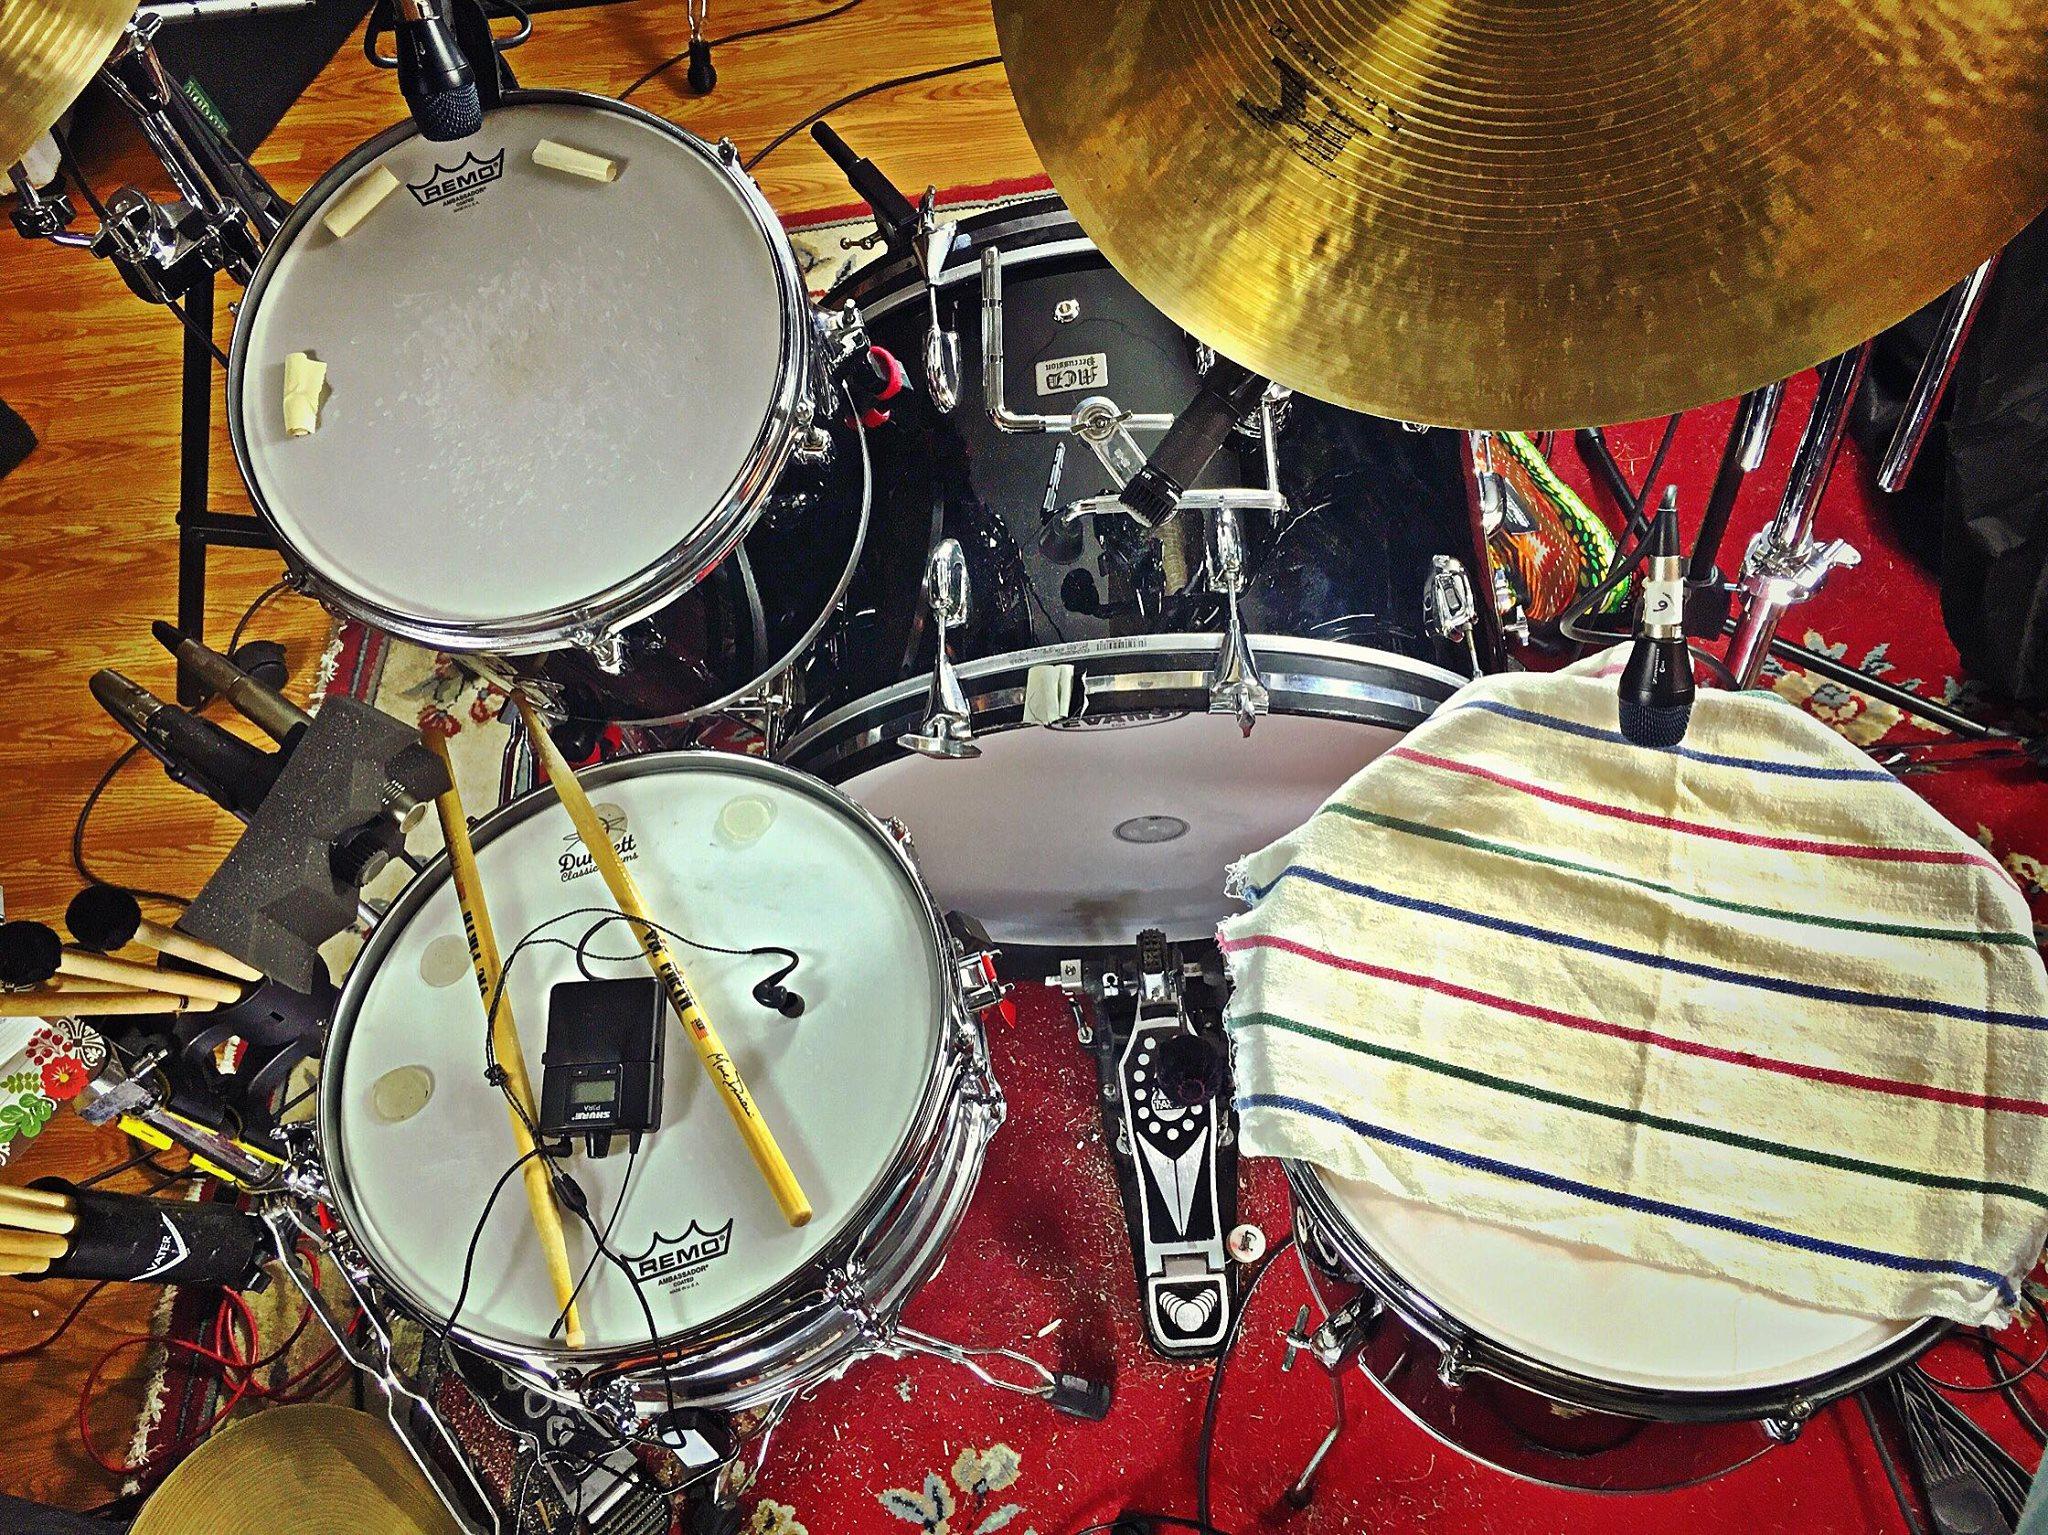 Mike-Dawson-Managing-Editor-for-Modern-Drummer-slingerland-bop-vistalite-slingerlandmcd-single-headed-single-headed-kit